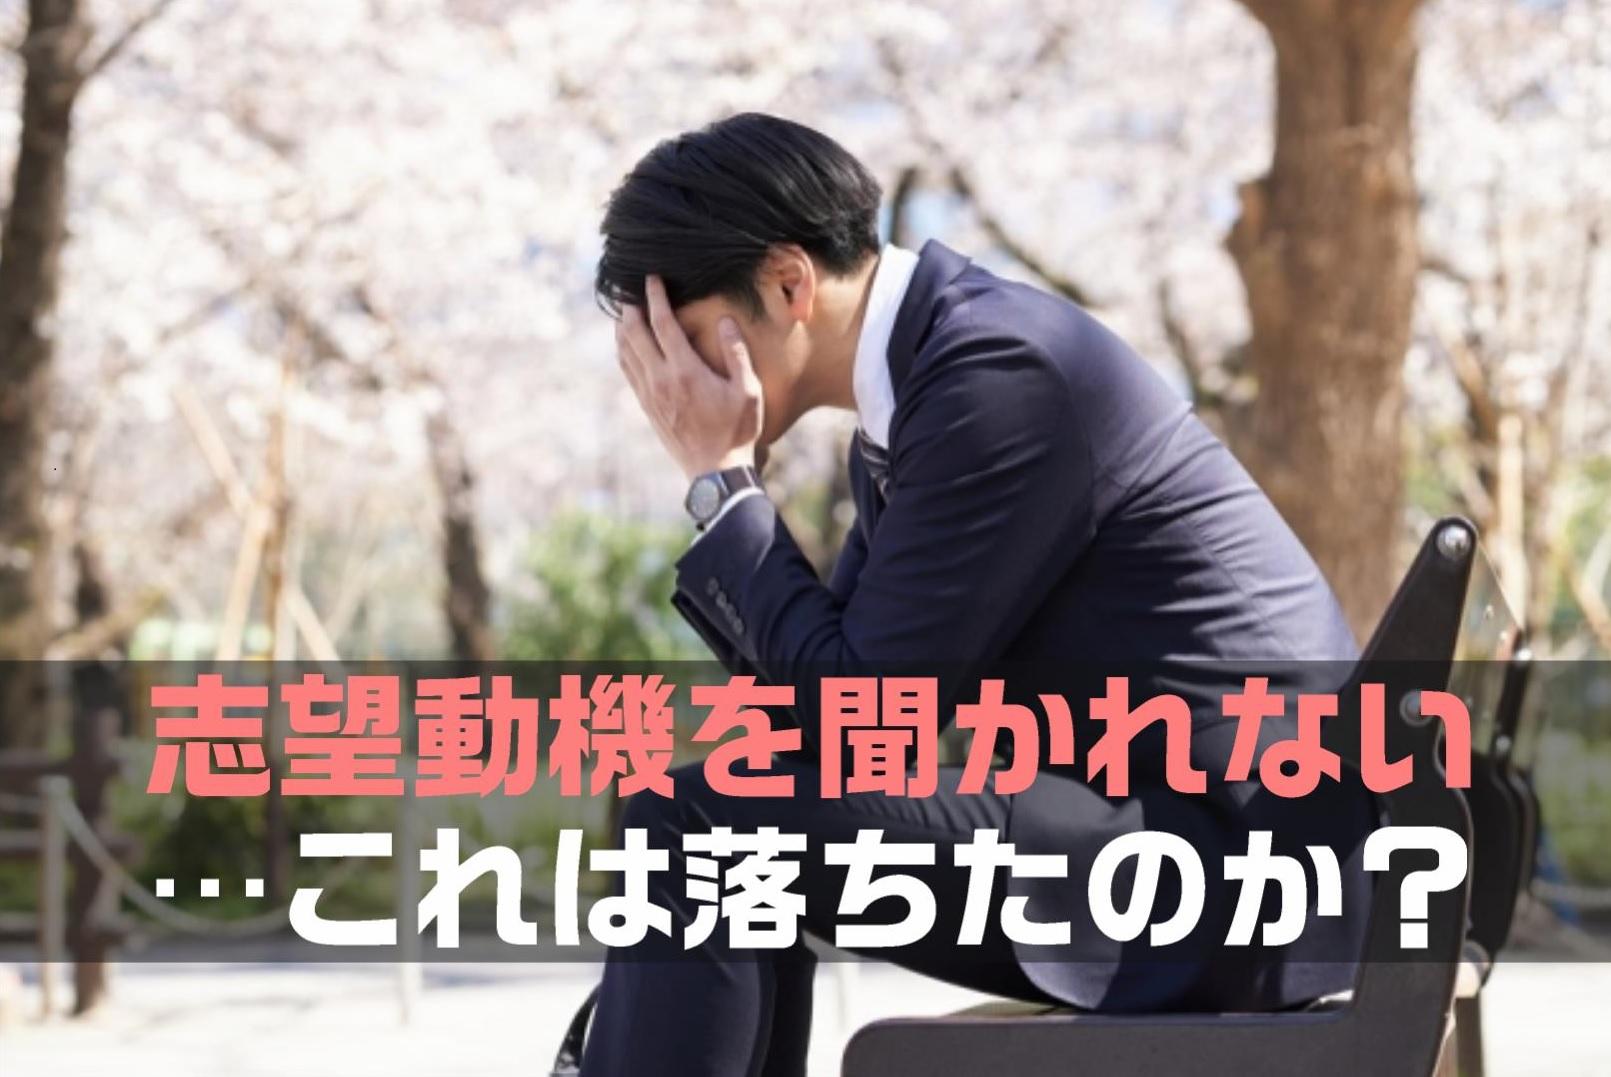 【必勝法】転職面接で志望動機を聞かれない場合は落ちたサイン?